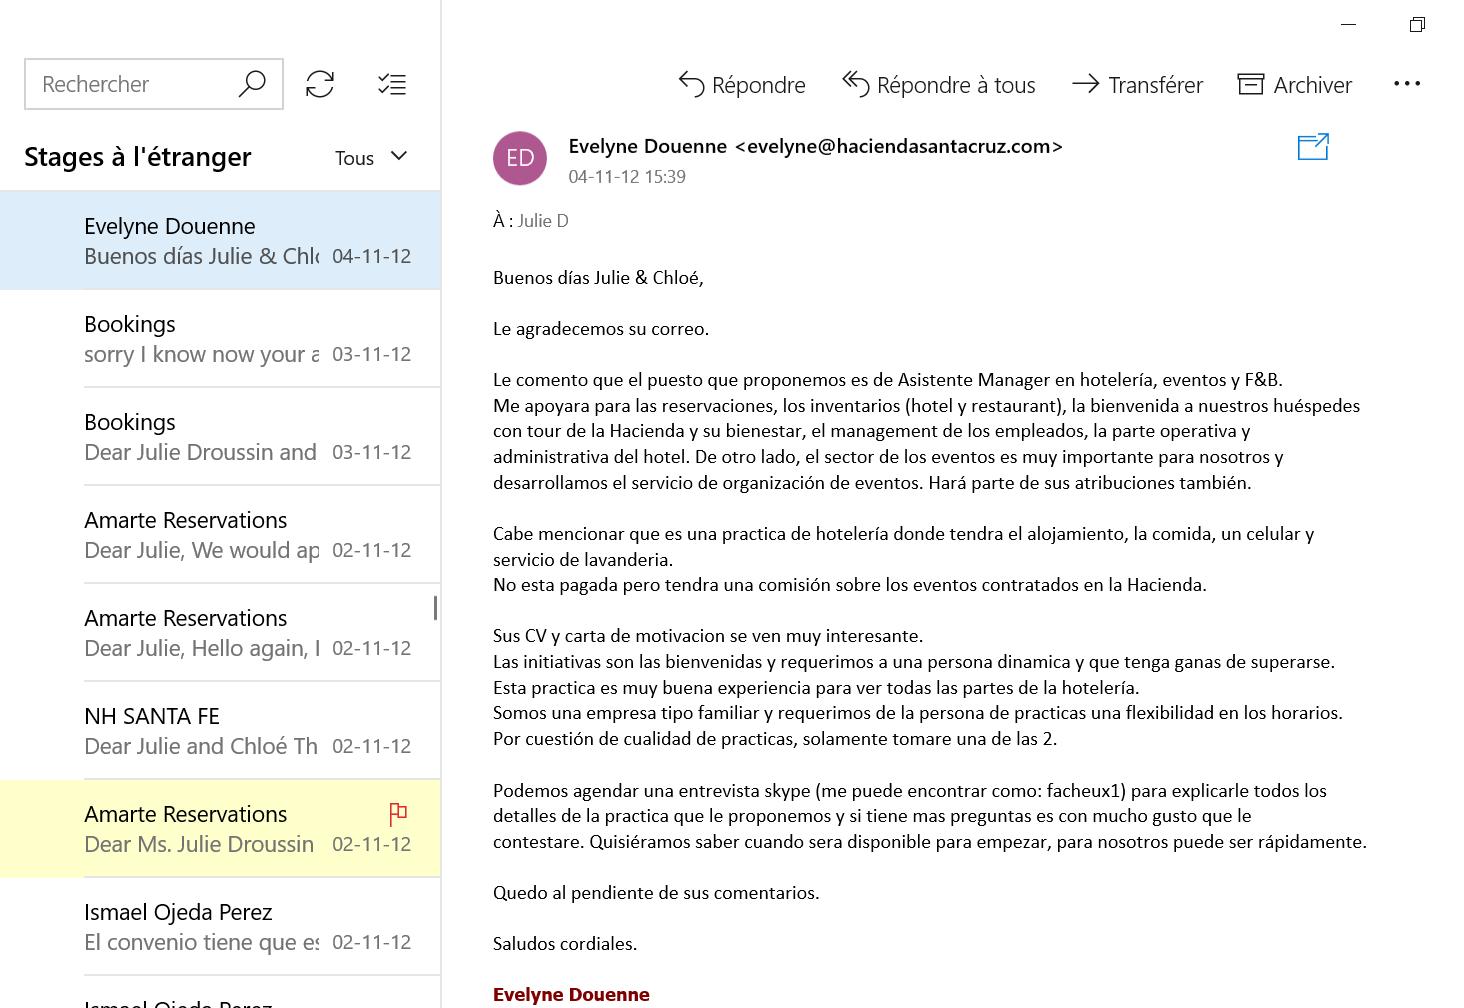 Recherche de stage à l'étranger email 15